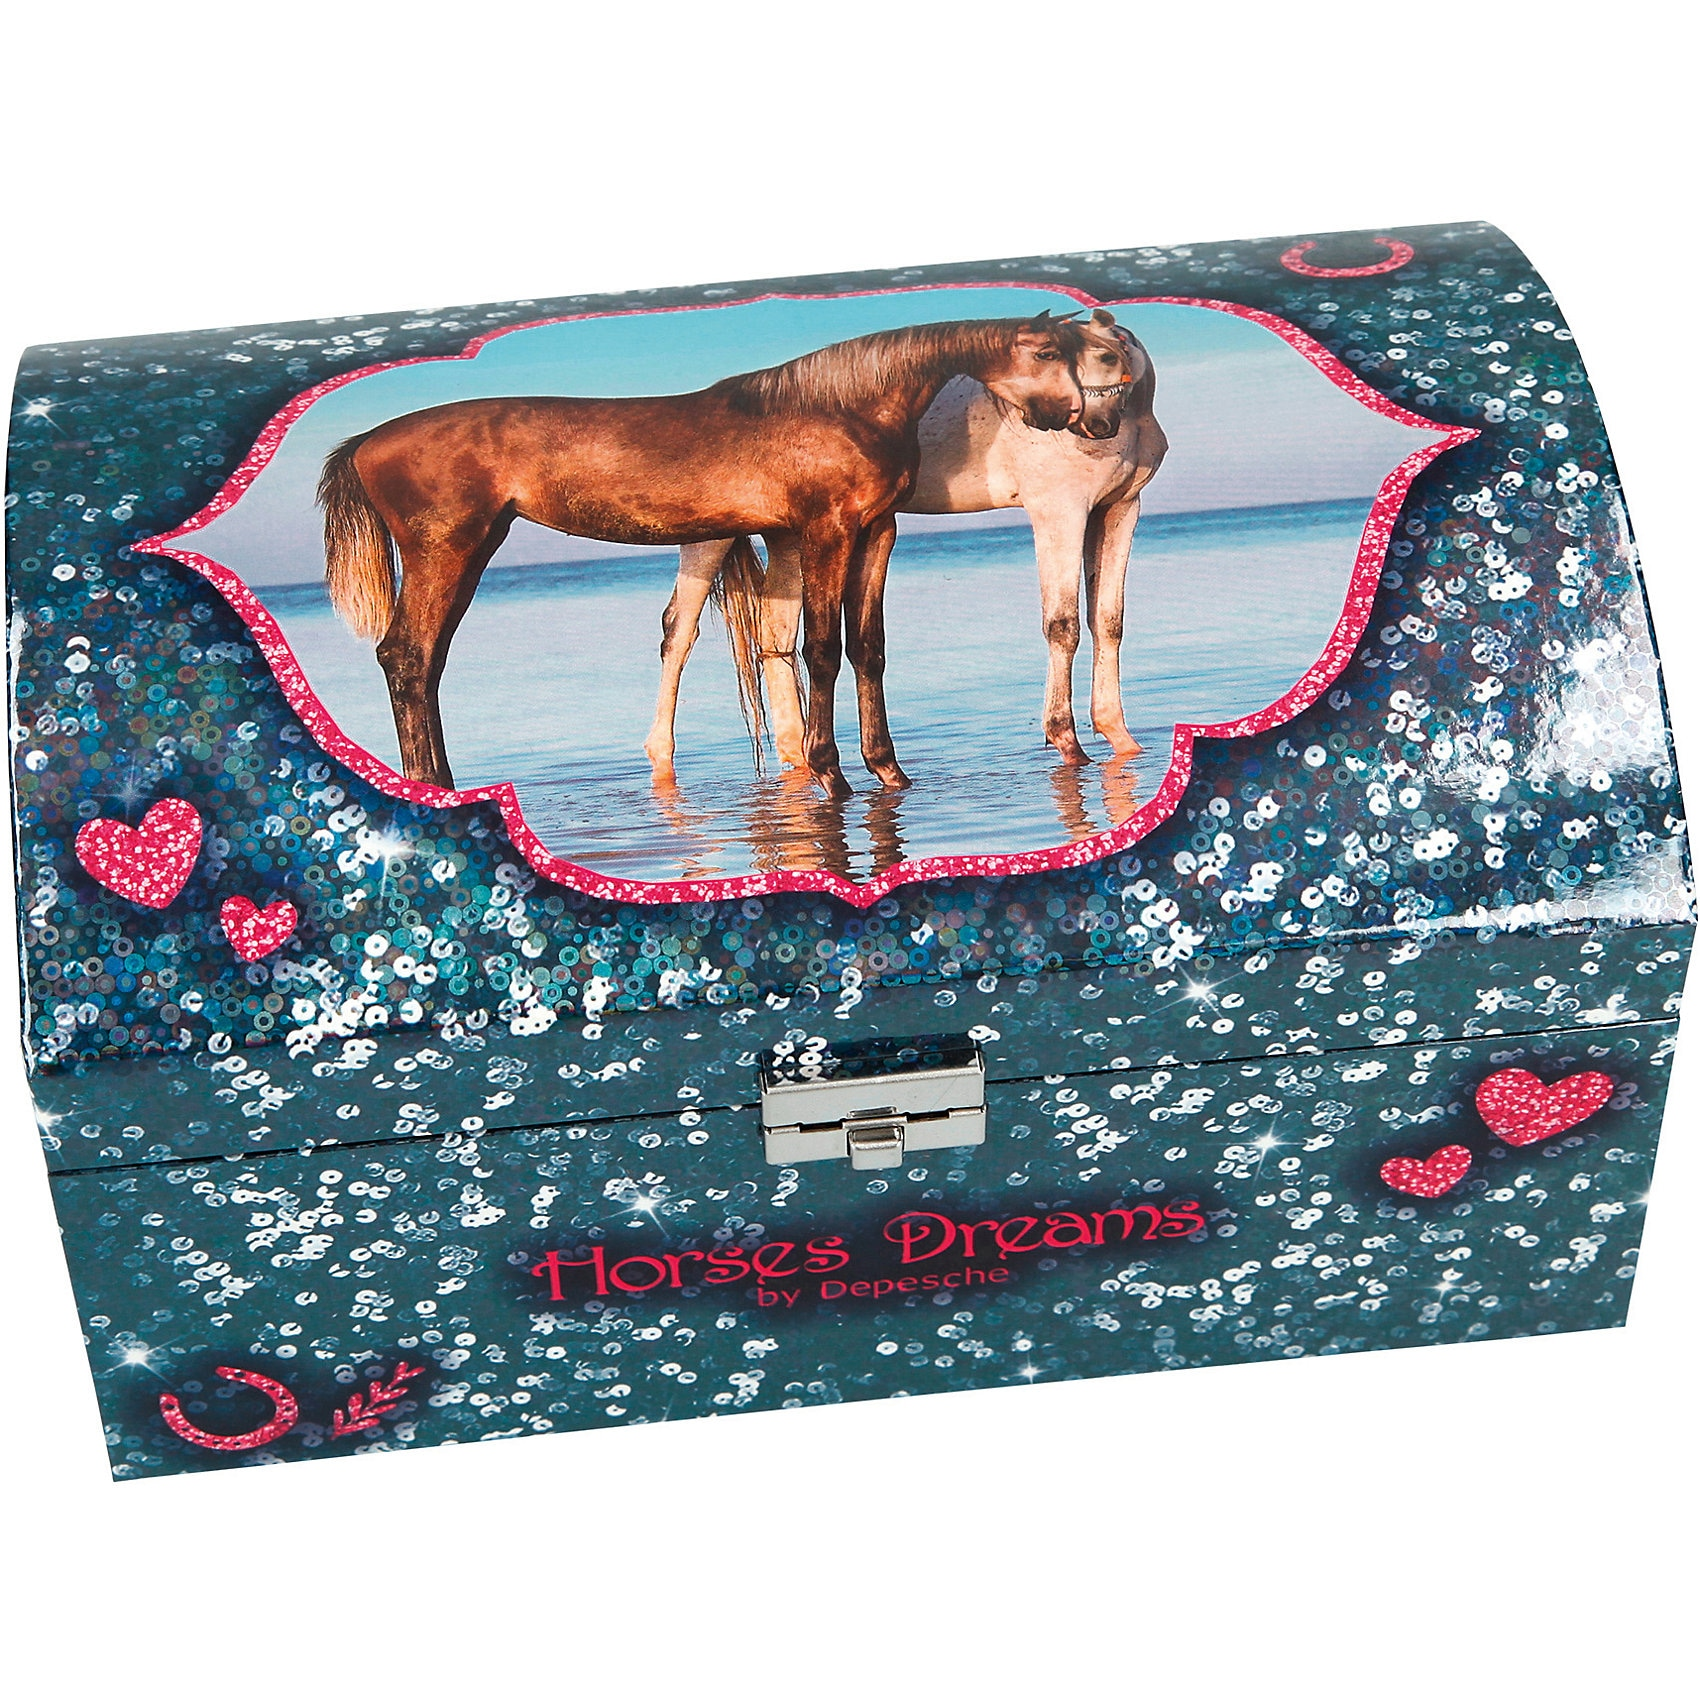 Depesche Horses Dreams Schmuckkästchen mit Geheimfach blau